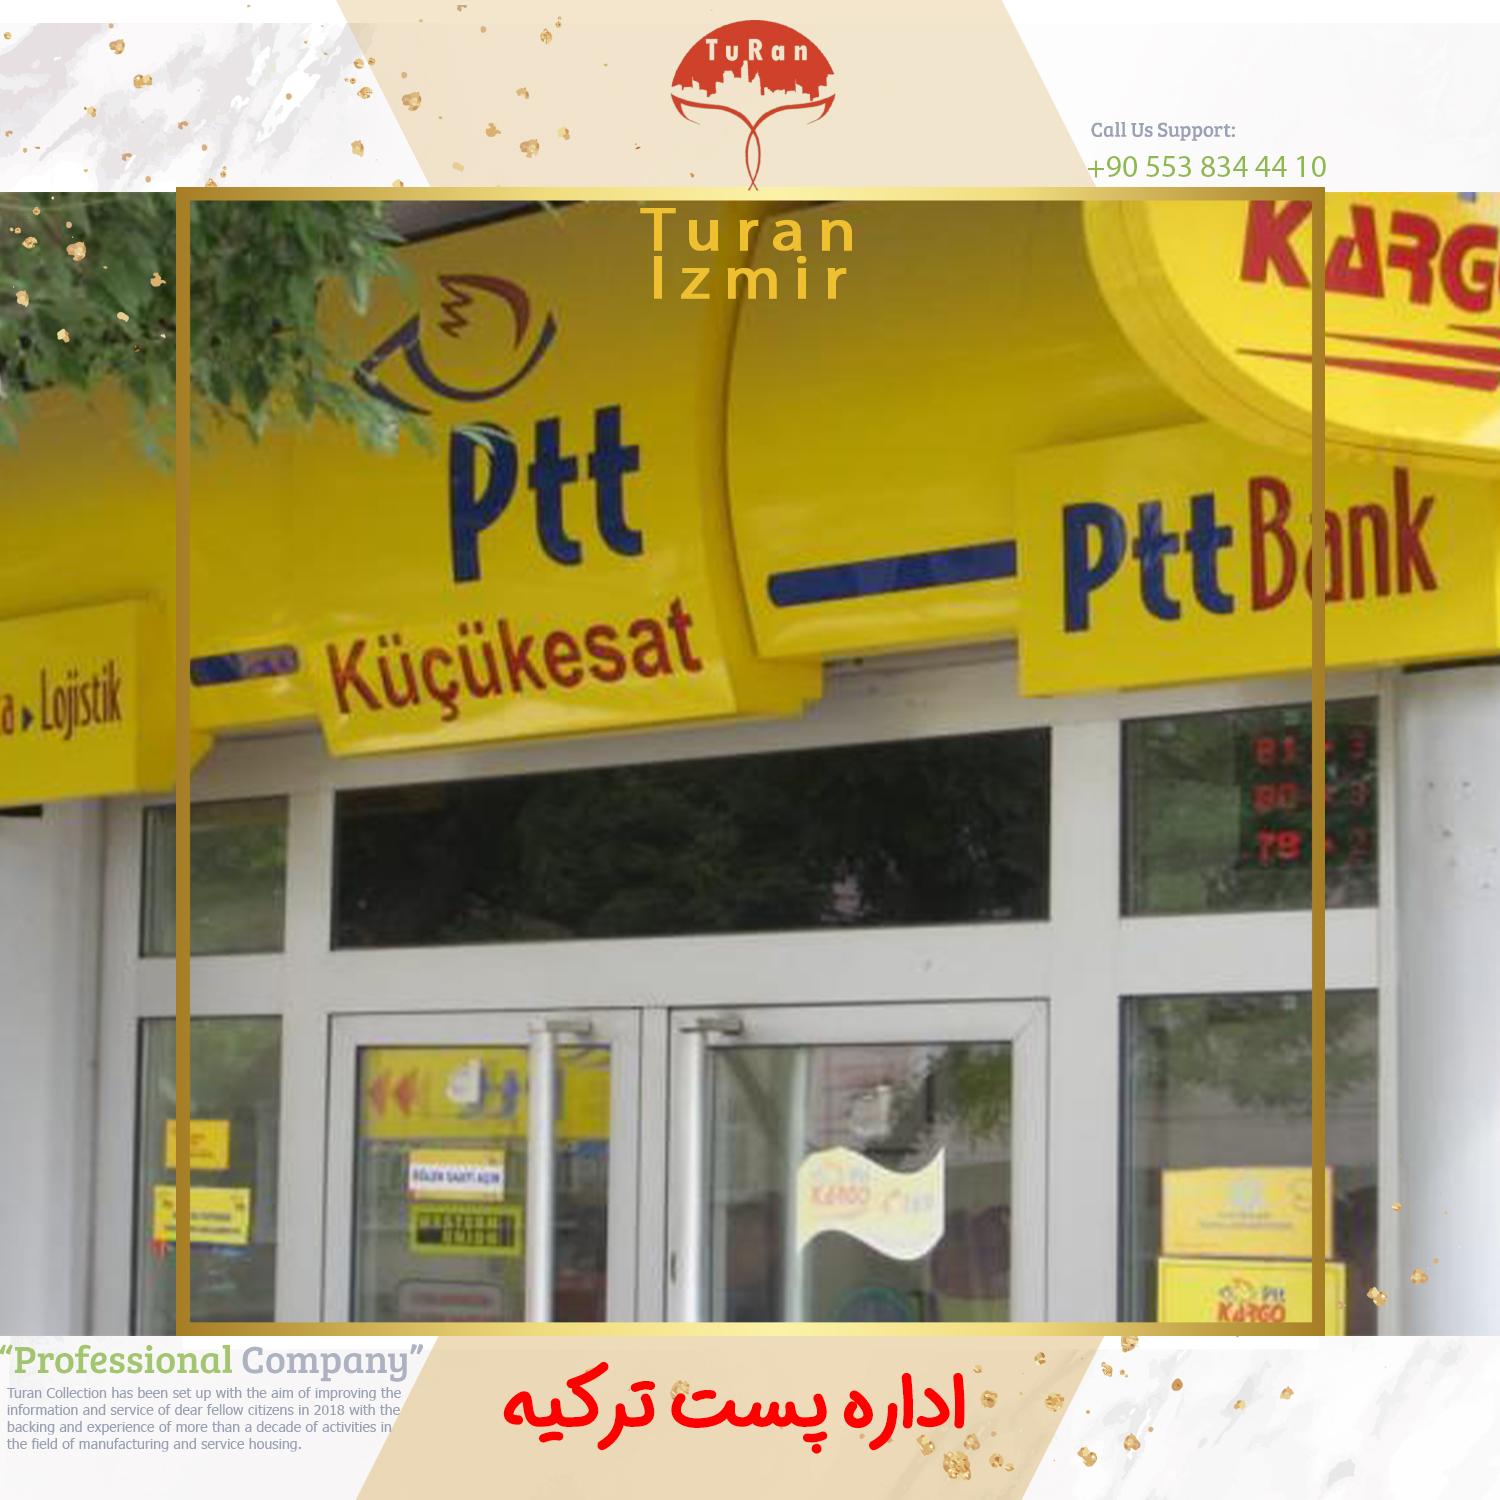 اداره پست ترکیه   خدمات اداره پست ترکیه   پست از ترکیه به ایران   توران ازمیر